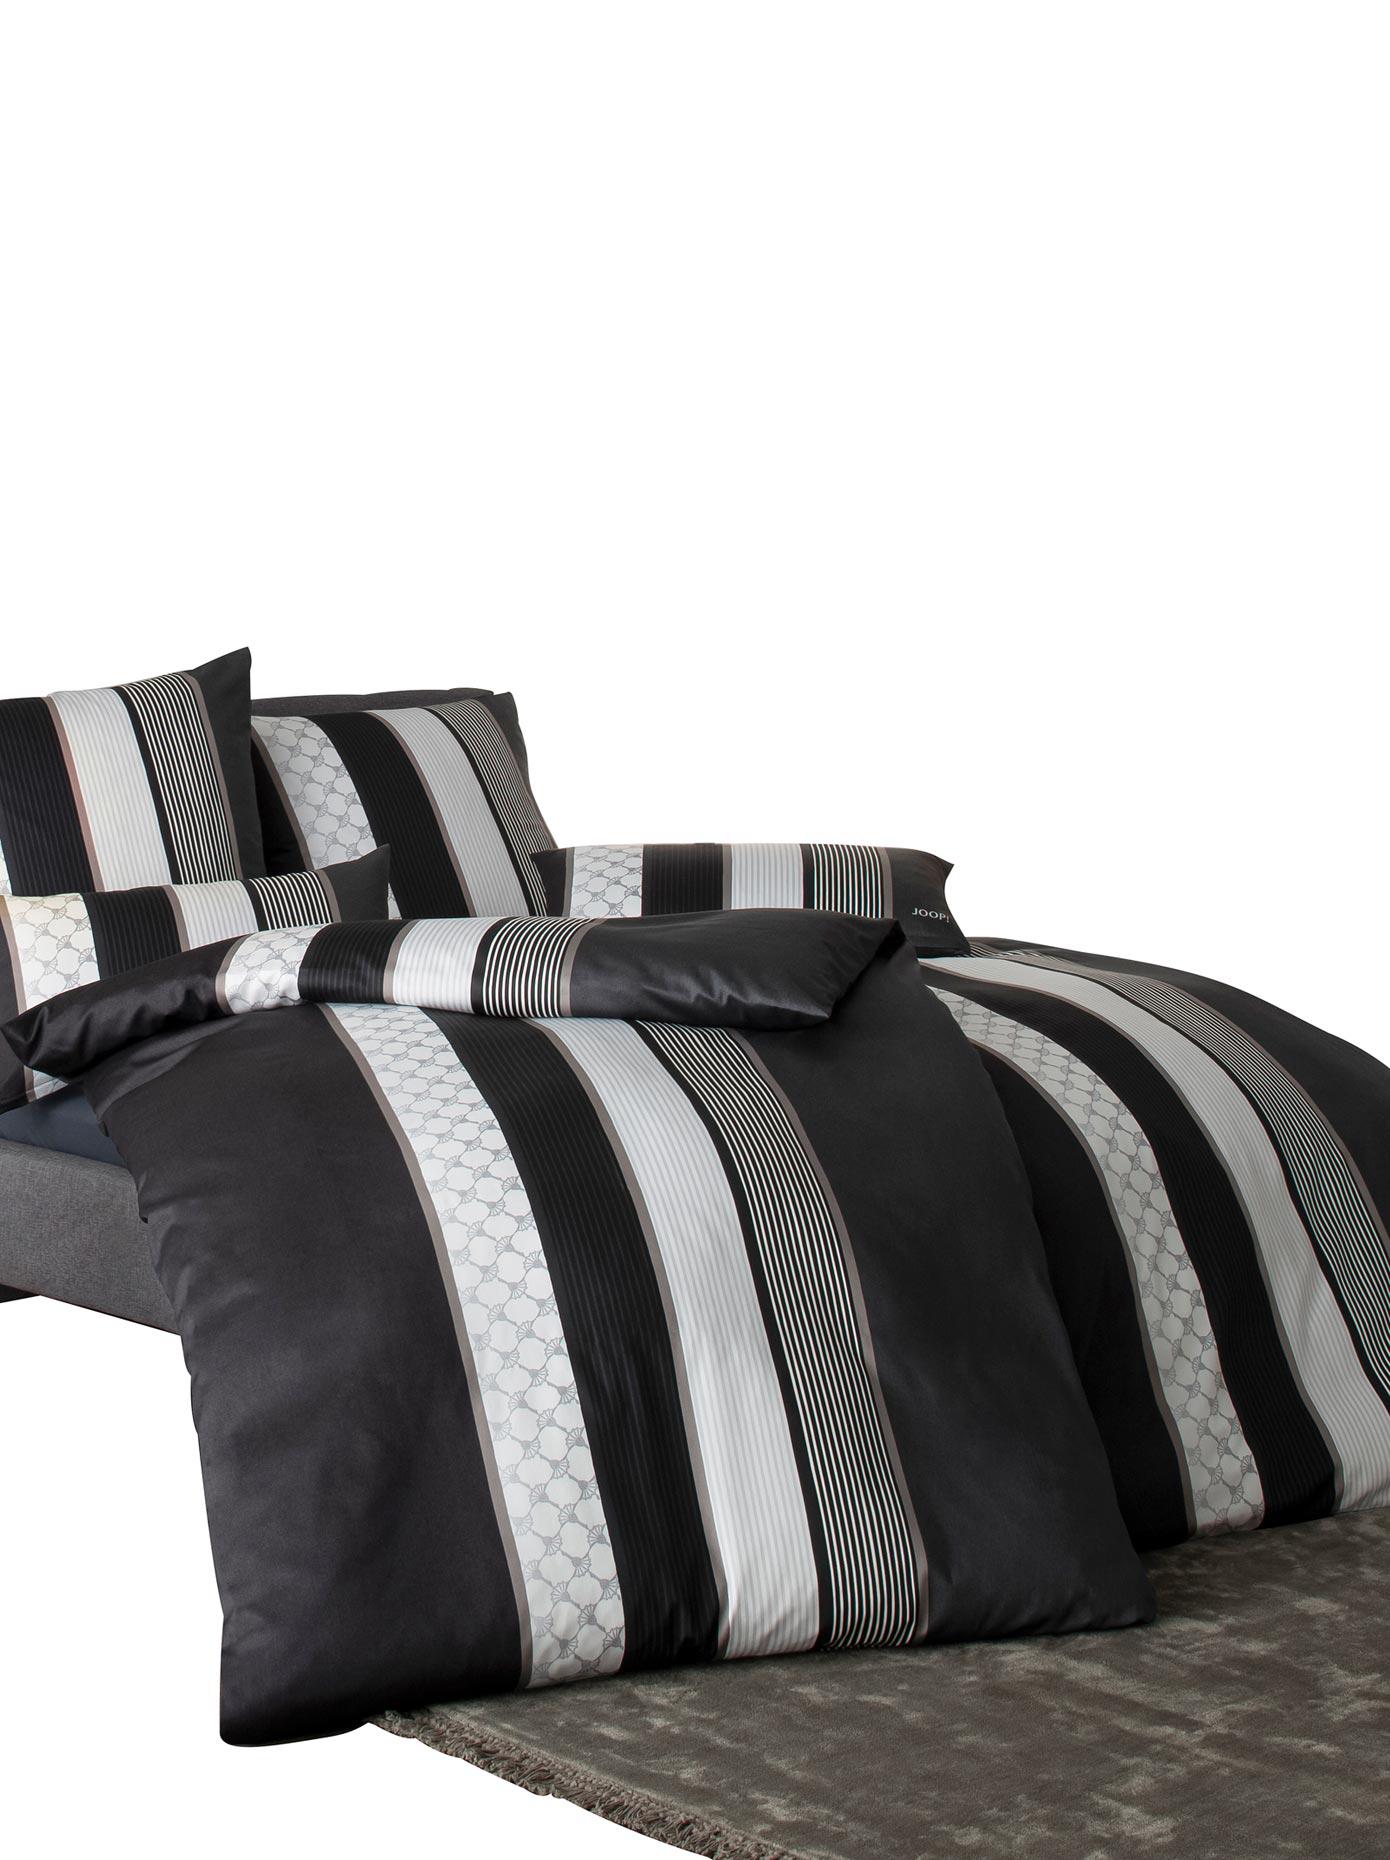 Bettwäsche schwarz Mako-Satin-Bettwäsche nach Material Bettwäsche, Bettlaken und Betttücher